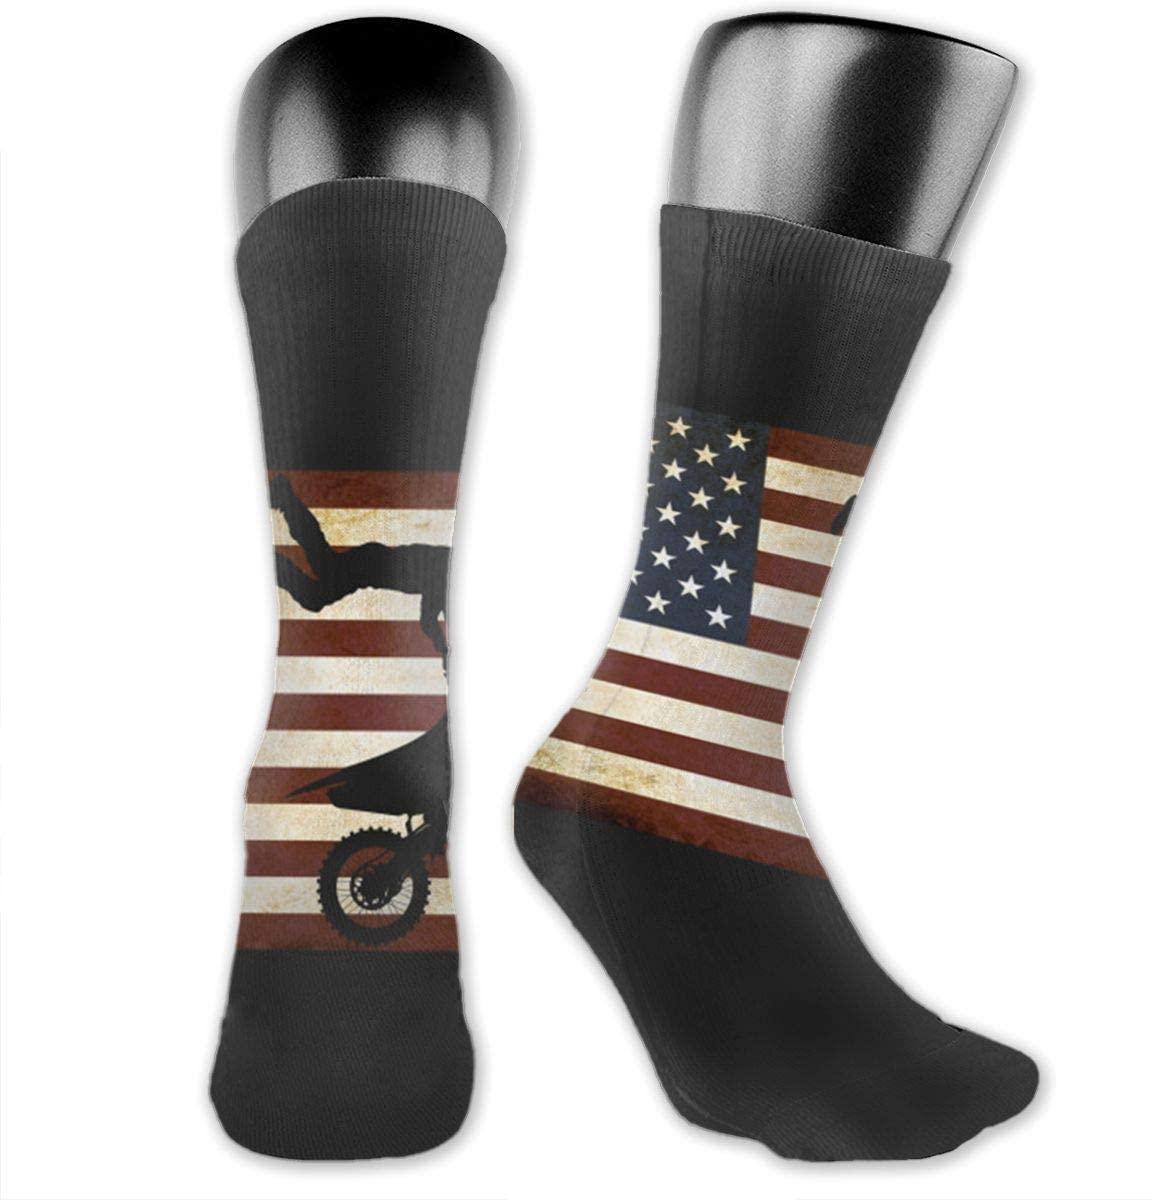 Motocross Bike American Flag Unisex Outdoor Long Socks Sport Athletic Crew Socks Stockings